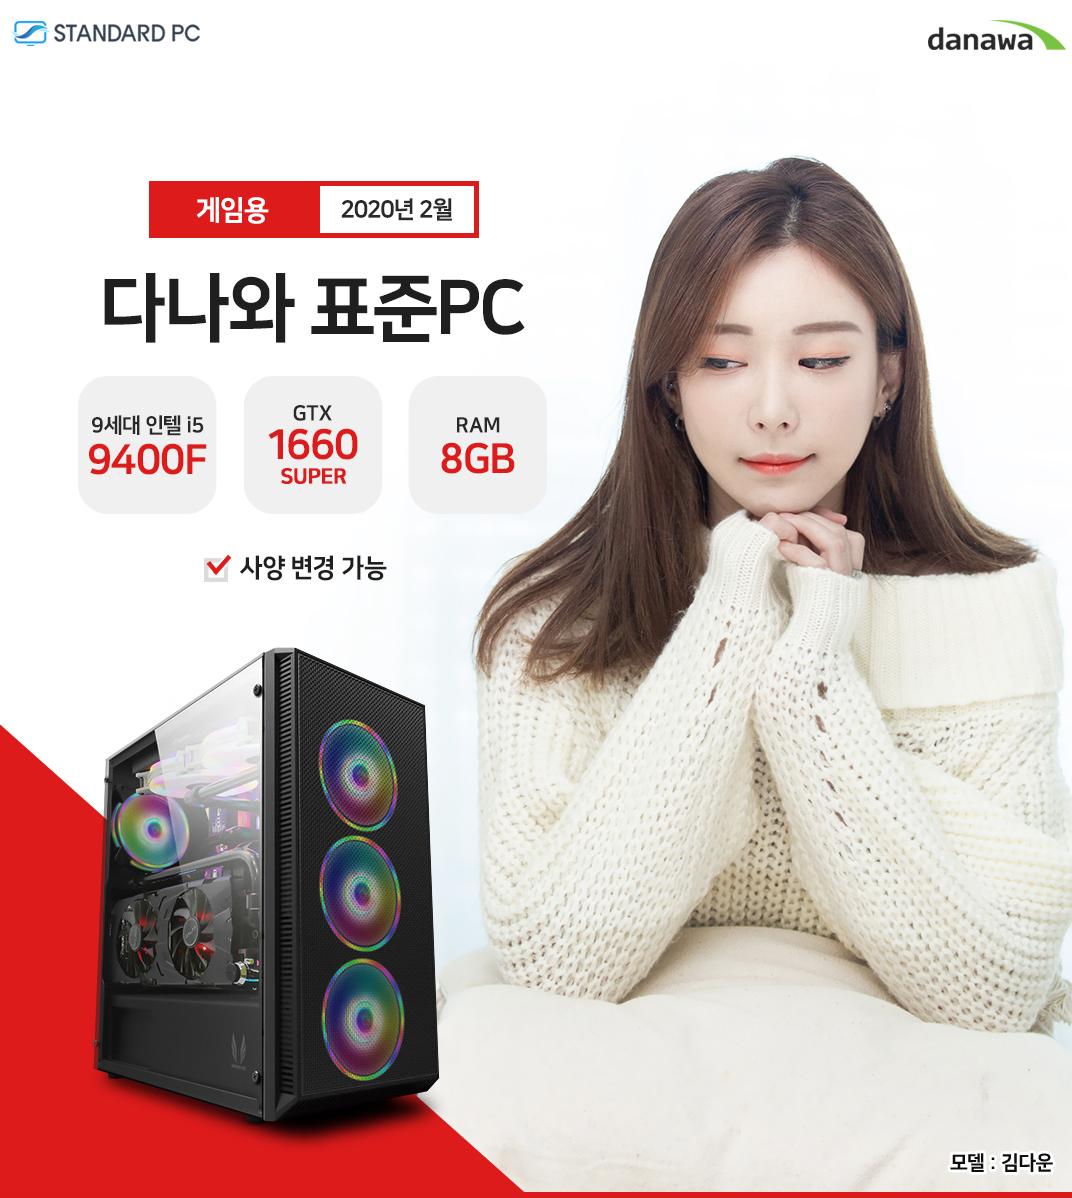 2020년 02월 다나와 표준PC 게임용 인텔 i5-9세대 9400F GTX1660 SUPER RAM 8G 모델 송주아